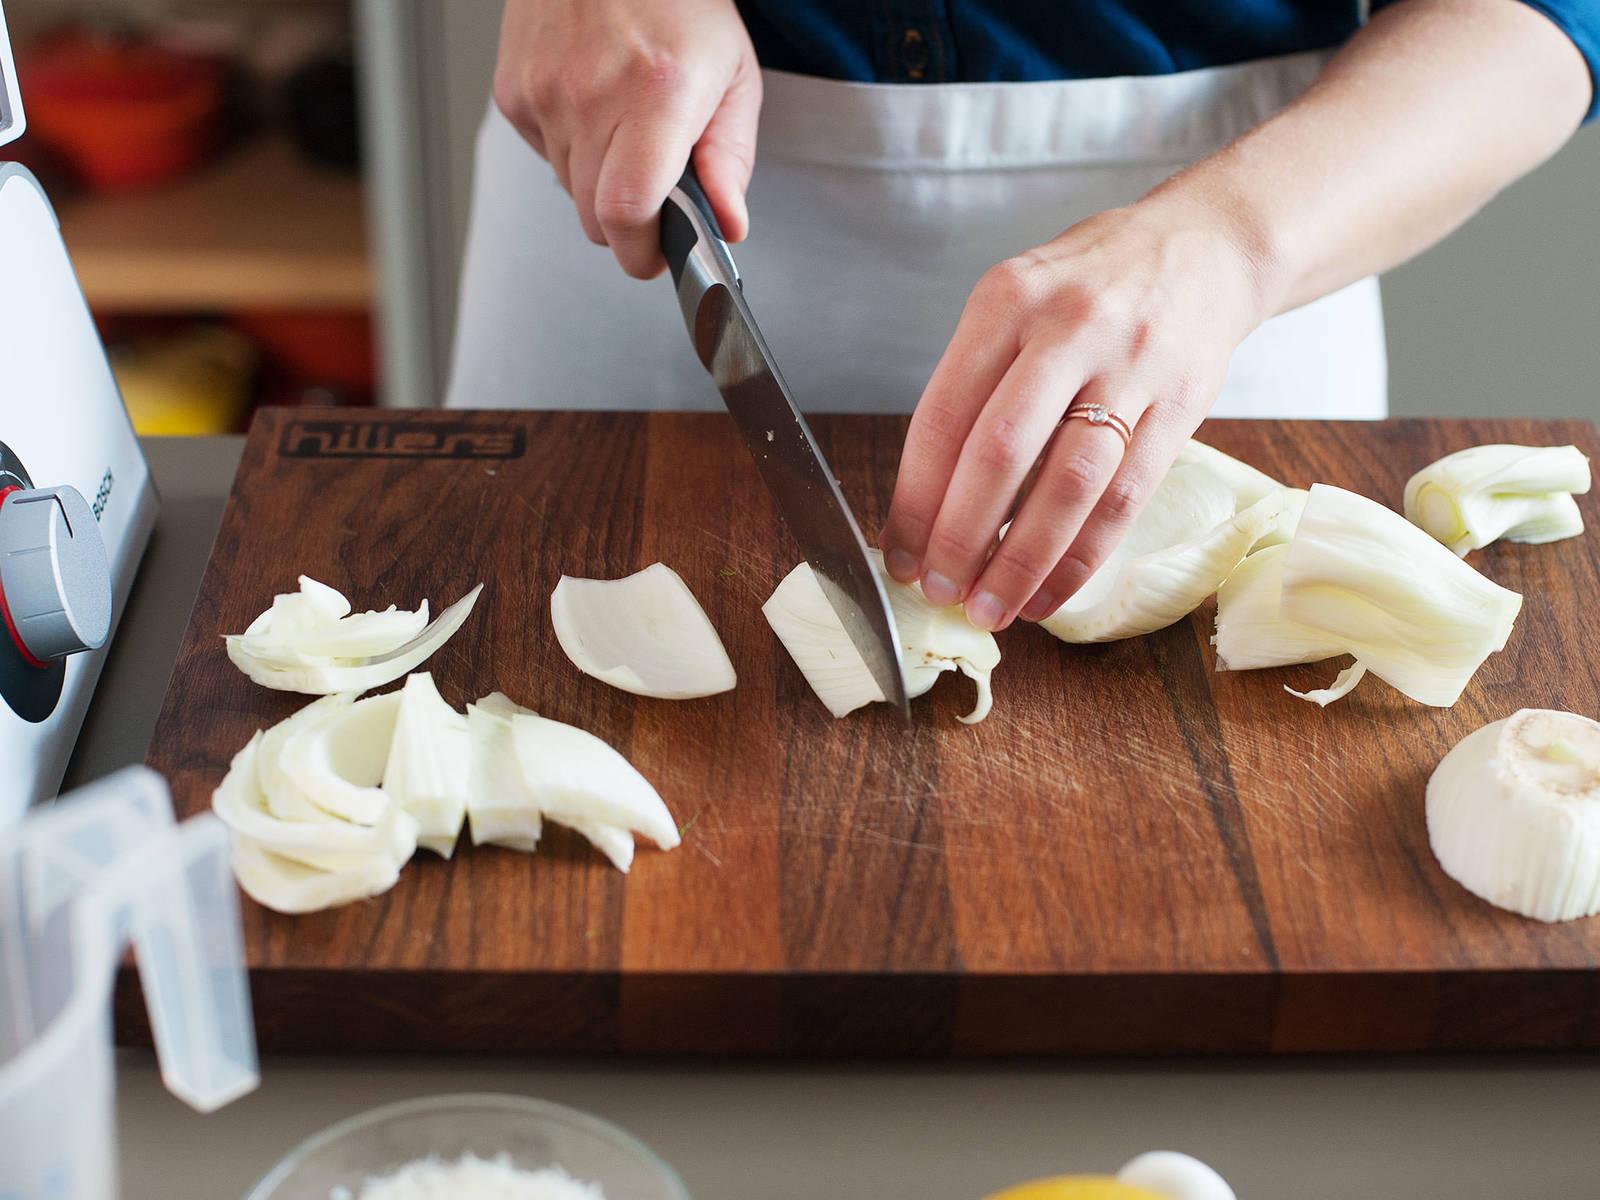 将茴香叶片从茎上摘下;丢掉茴香茎,将叶片和茴香籽一起放入料理机中。将茴香球切成楔形,用于与蔬菜片搭配。